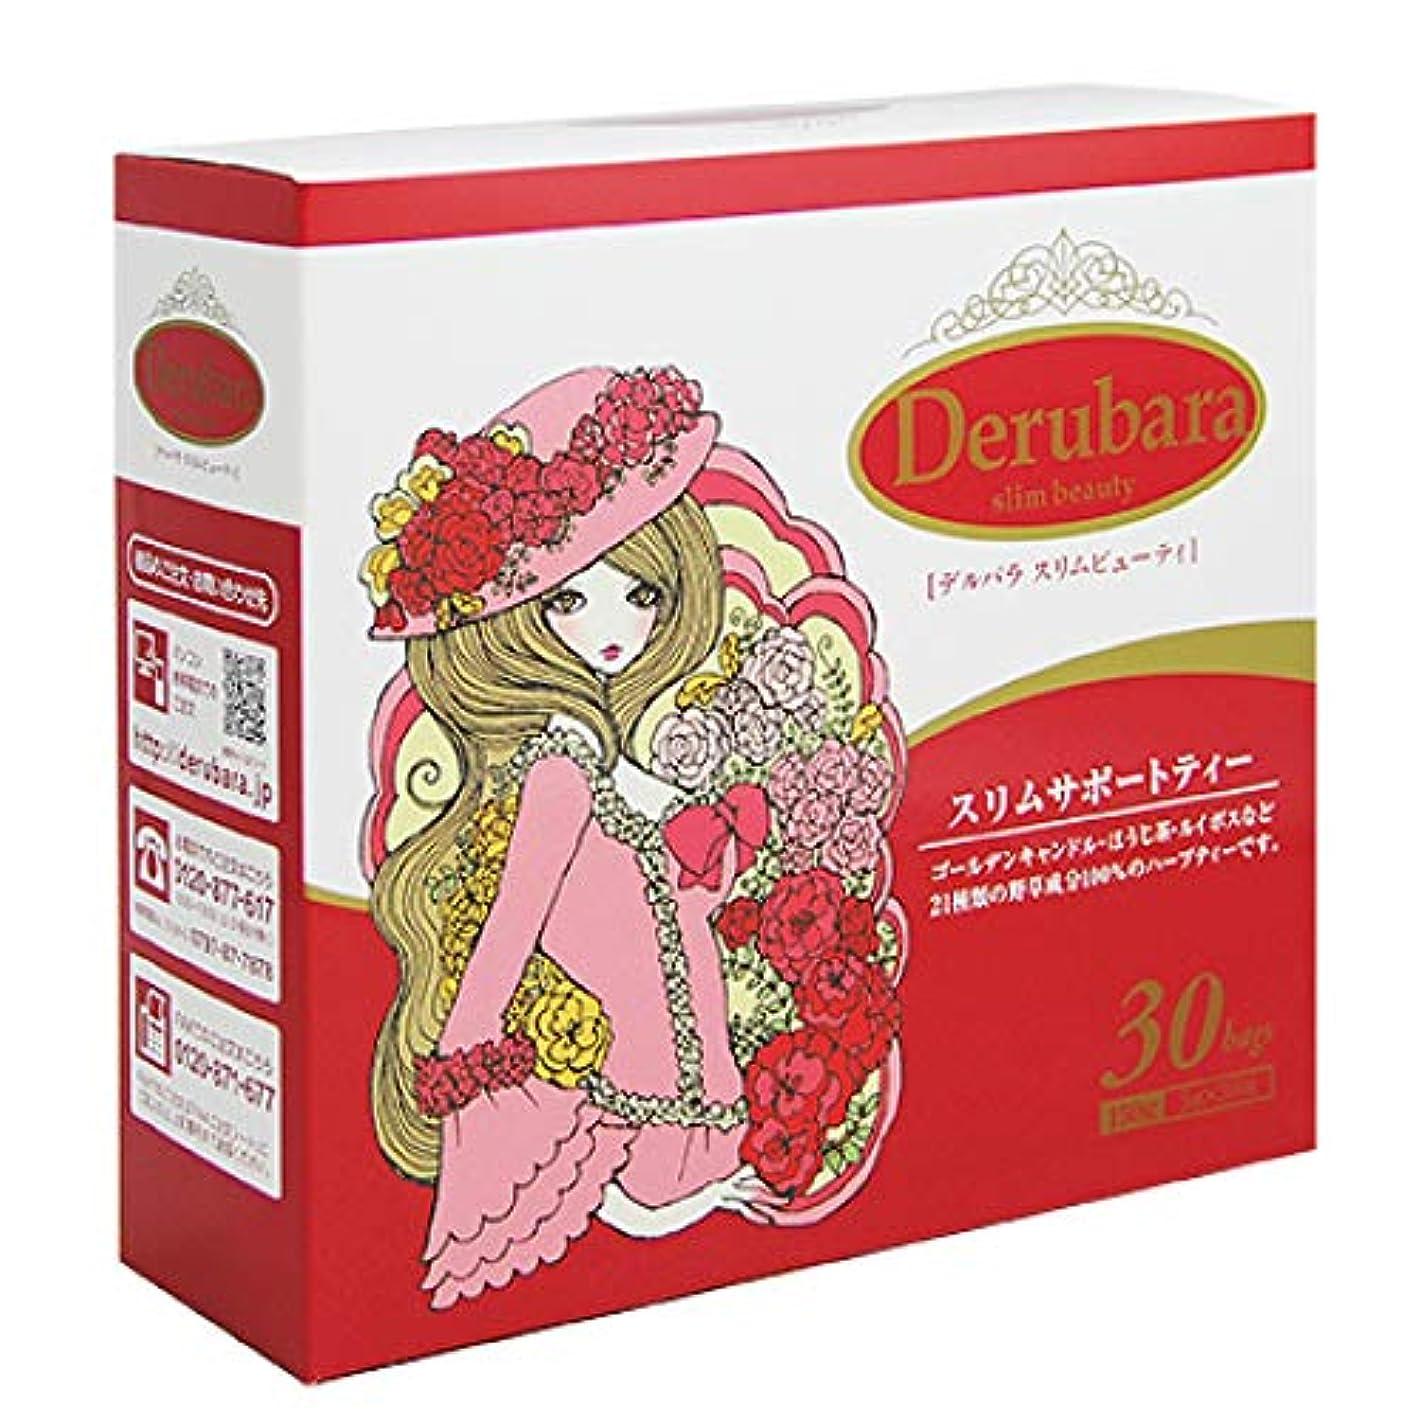 描く五月ブートデルバラスリムビューティ 1箱 (1包5g×30包入)朝スッキリ! キャンドルブッシュ お茶